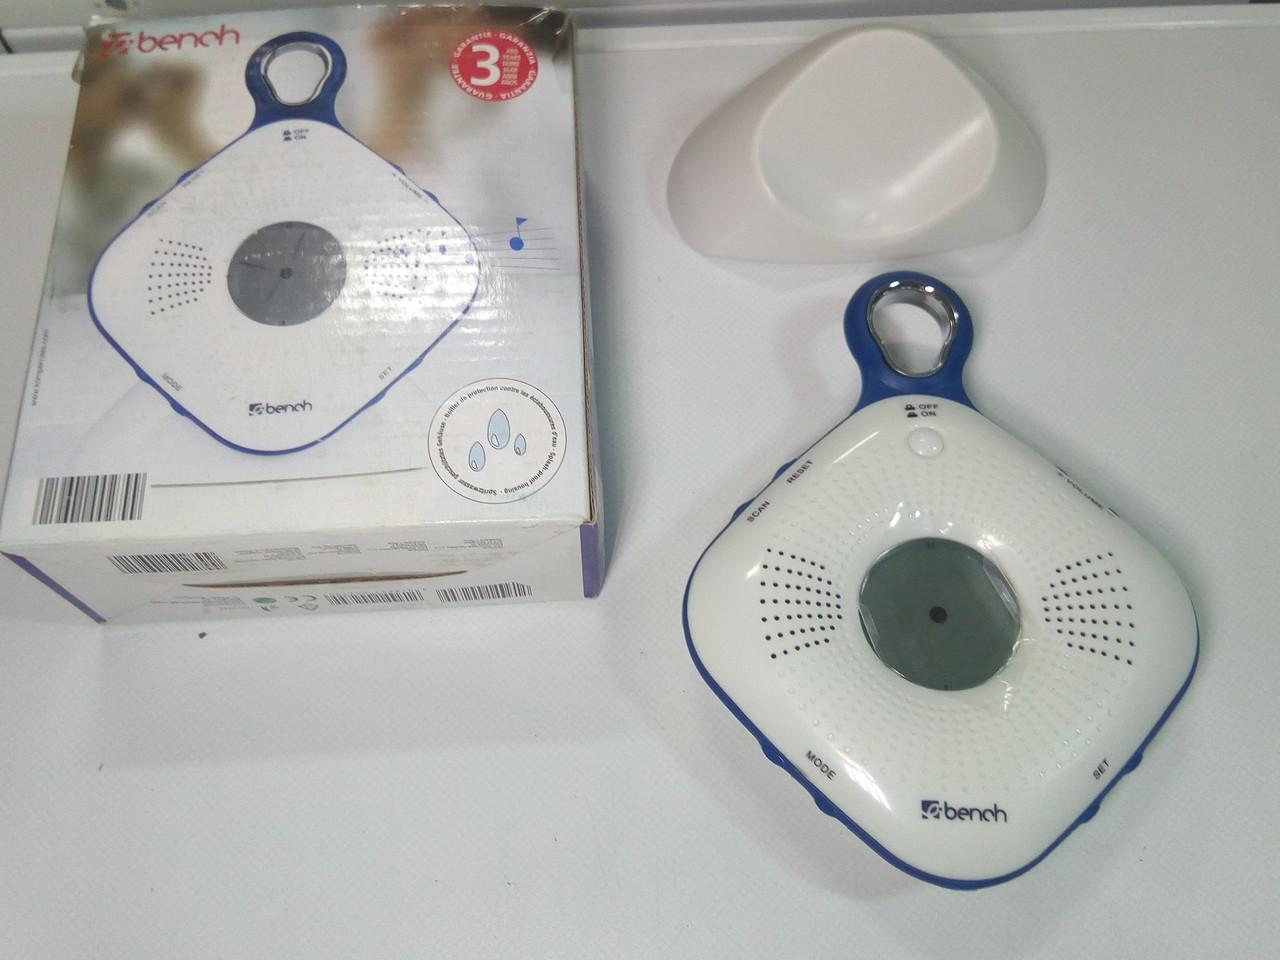 Радио-часы в ванную комнату